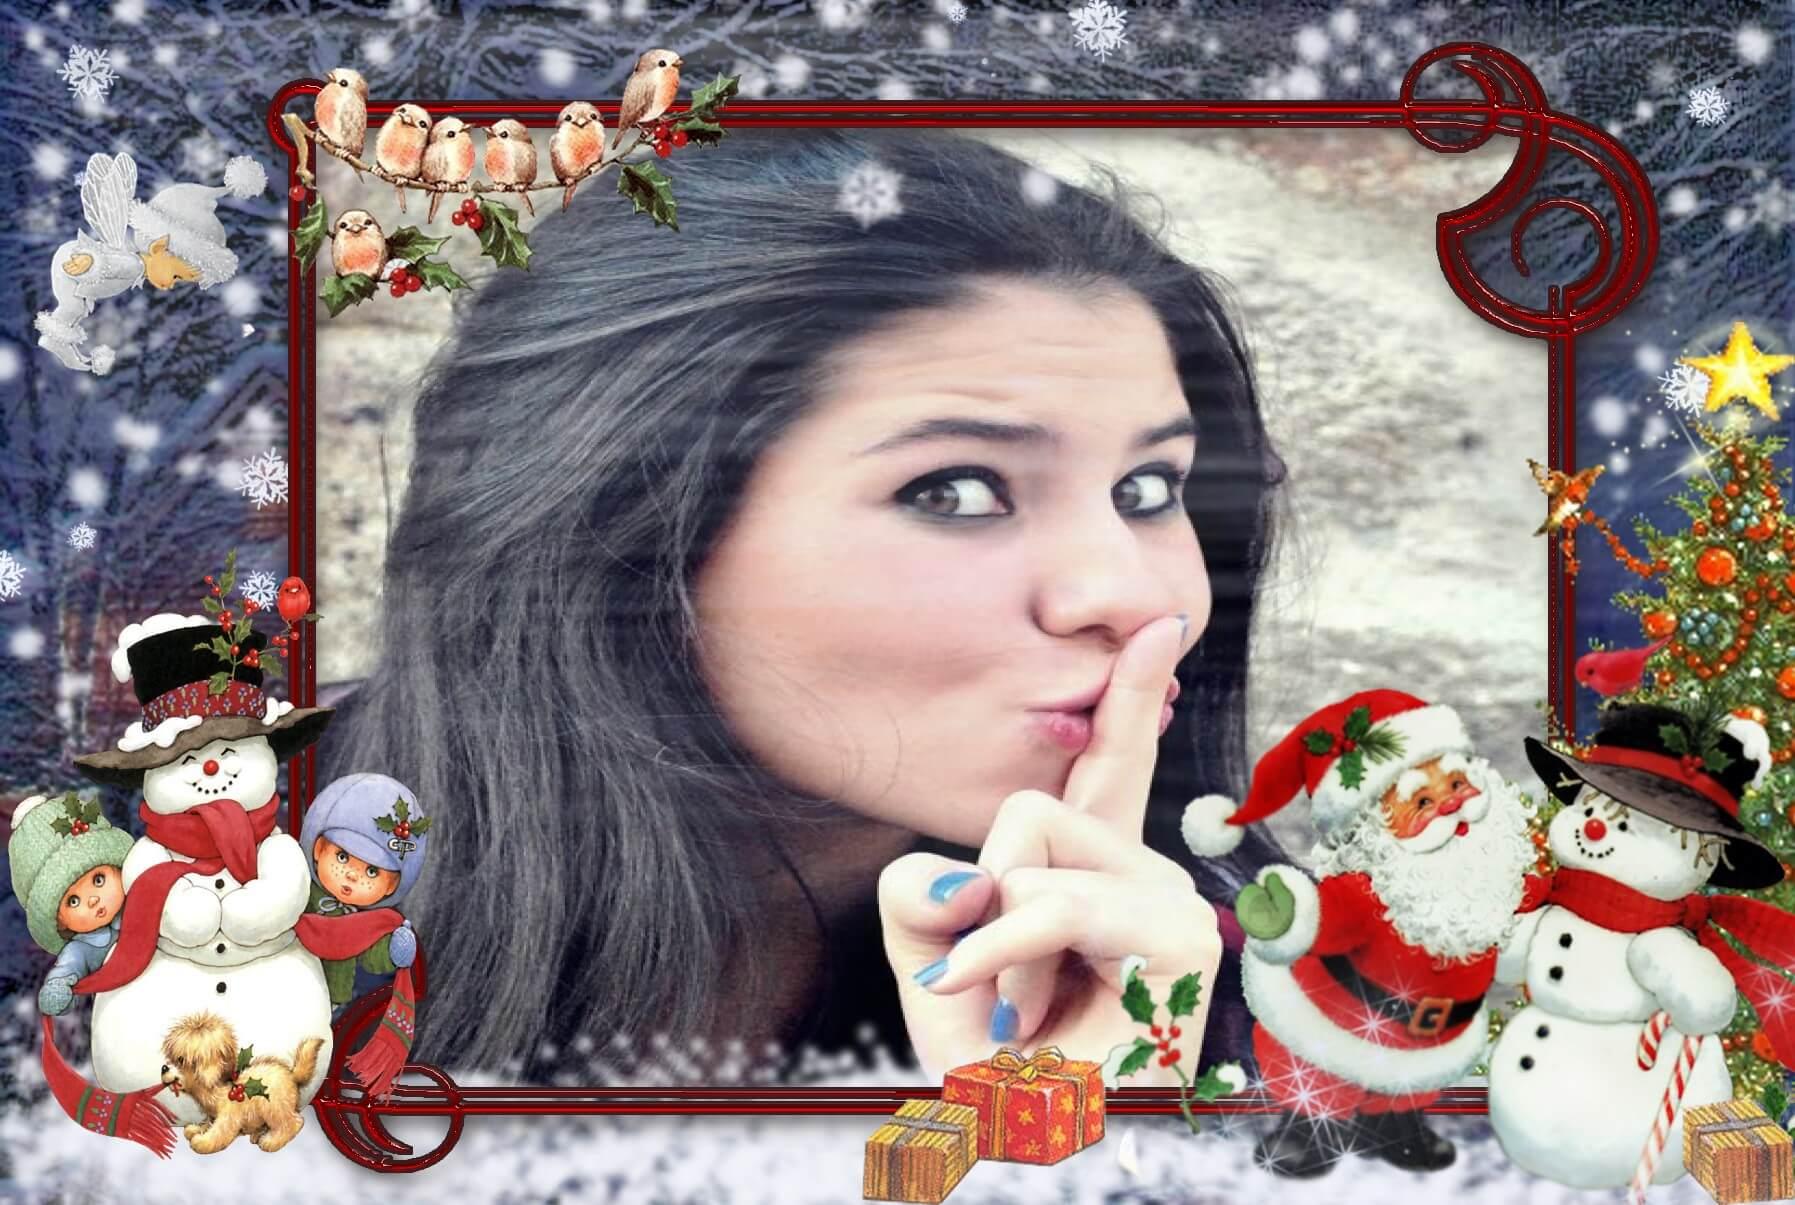 fotomontagem-natalina-gratis-online-com-papai-noel-e-bonecos-de-neve